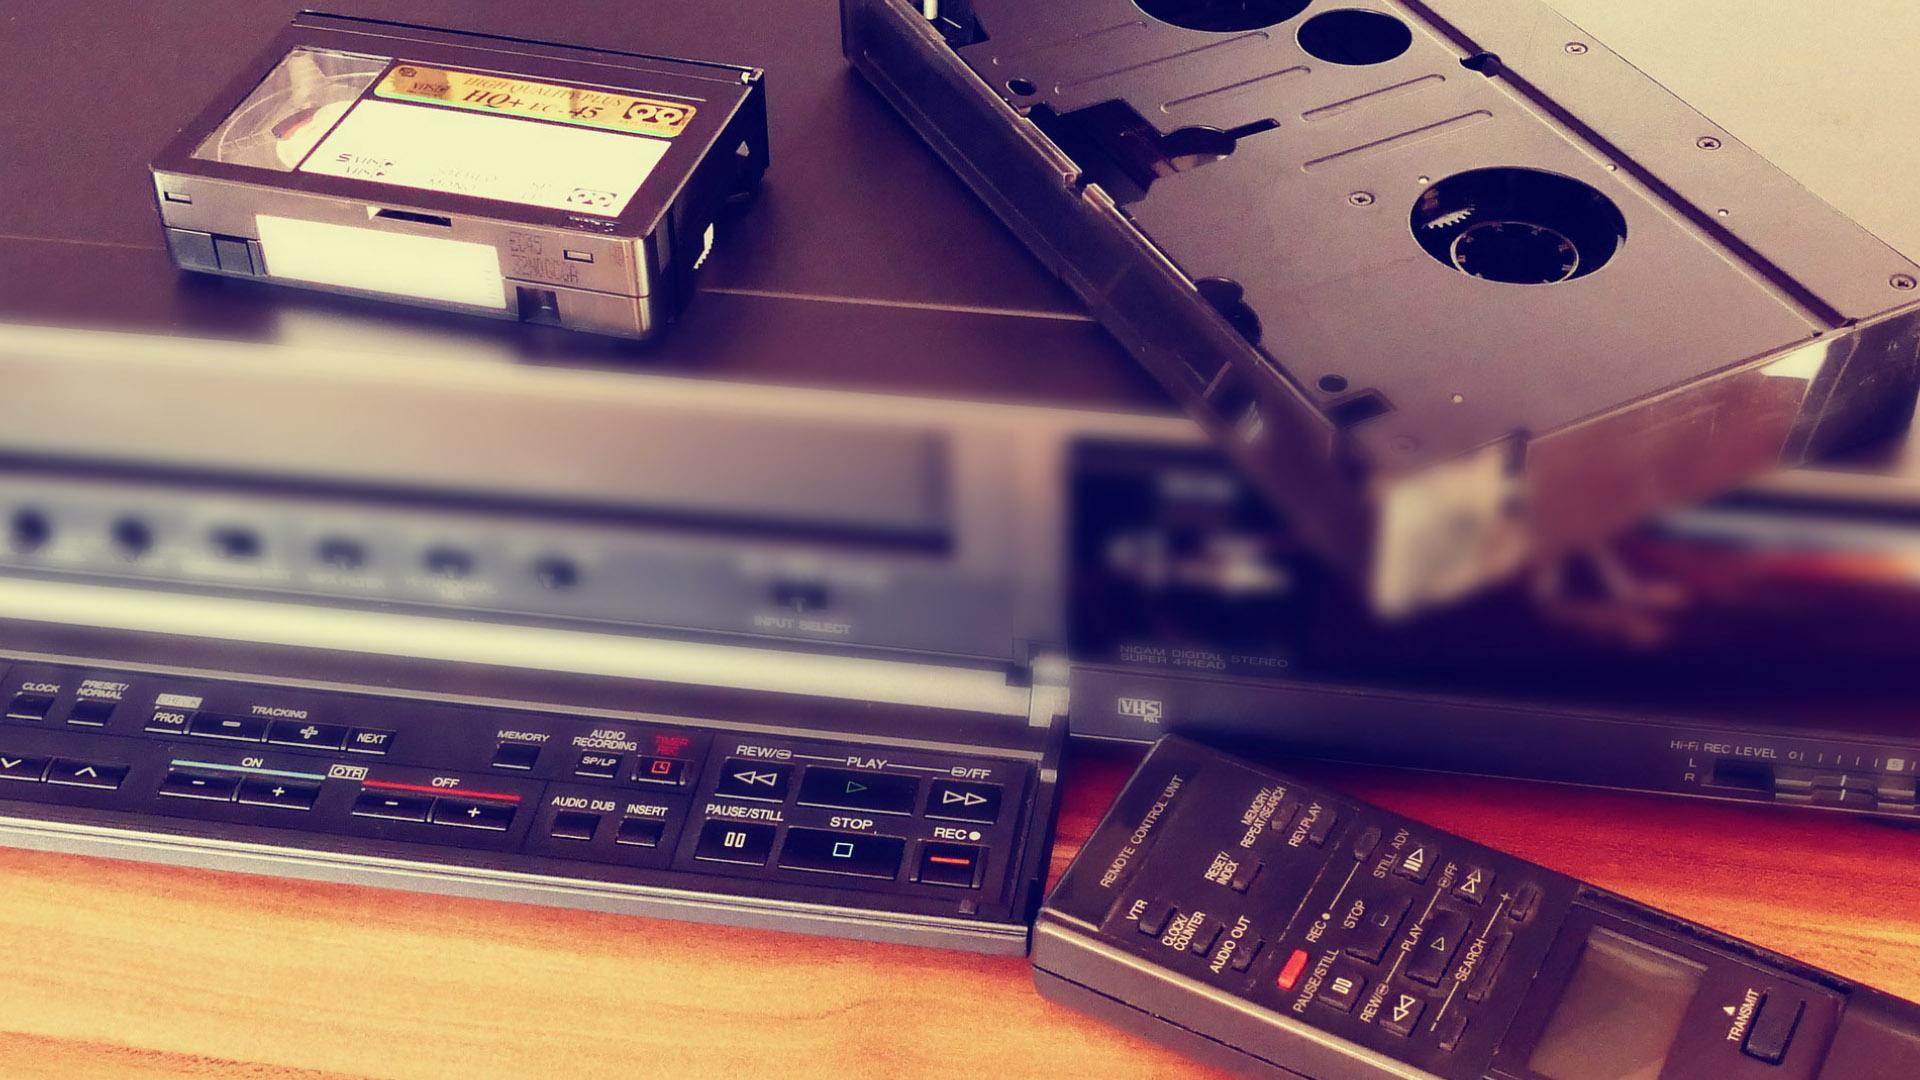 marco karch digitalisieren vhs kassetten dias fotos schallplatten kehl ortenau offenburg